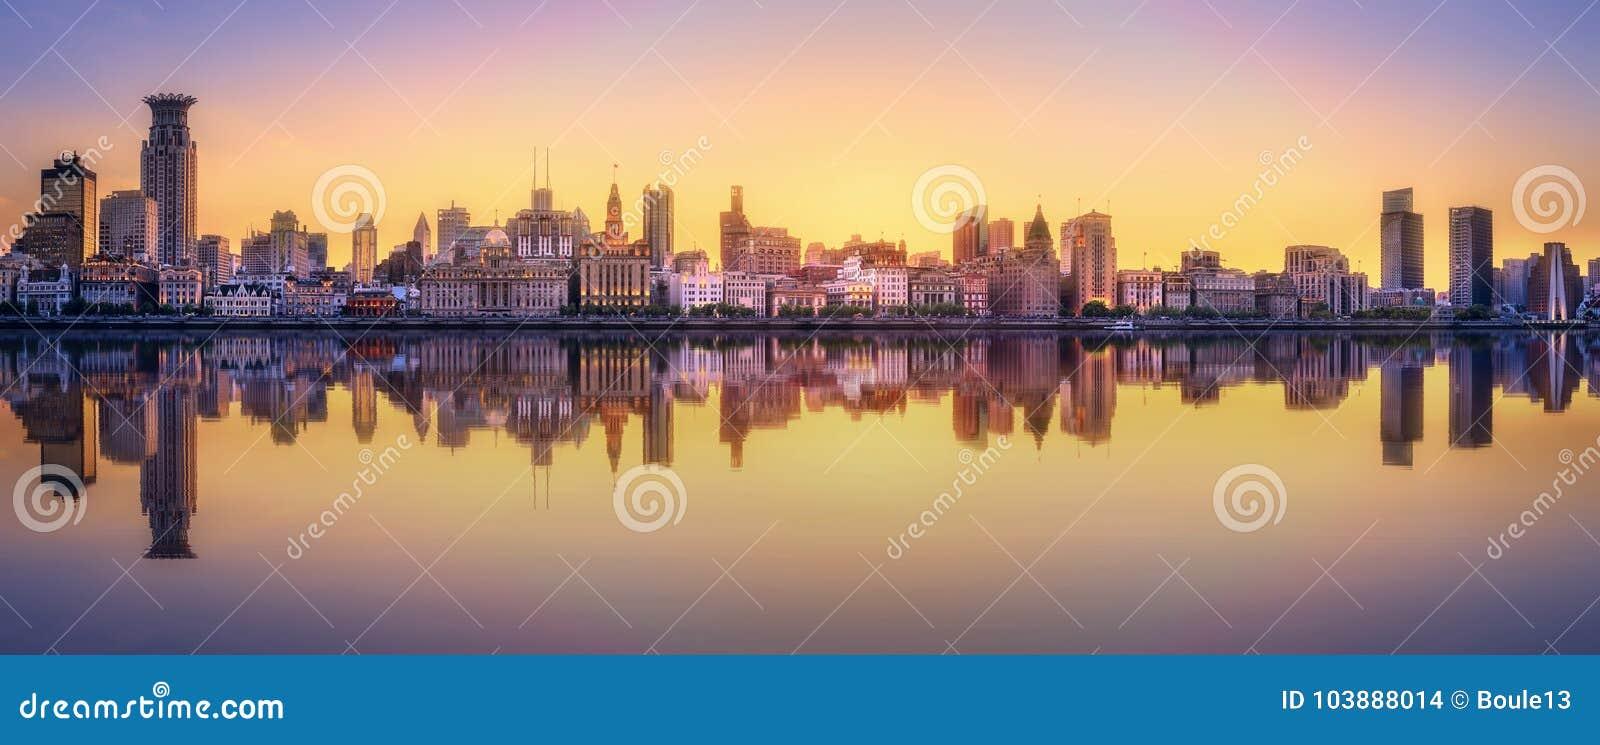 Szanghaj linii horyzontu pejzaż miejski